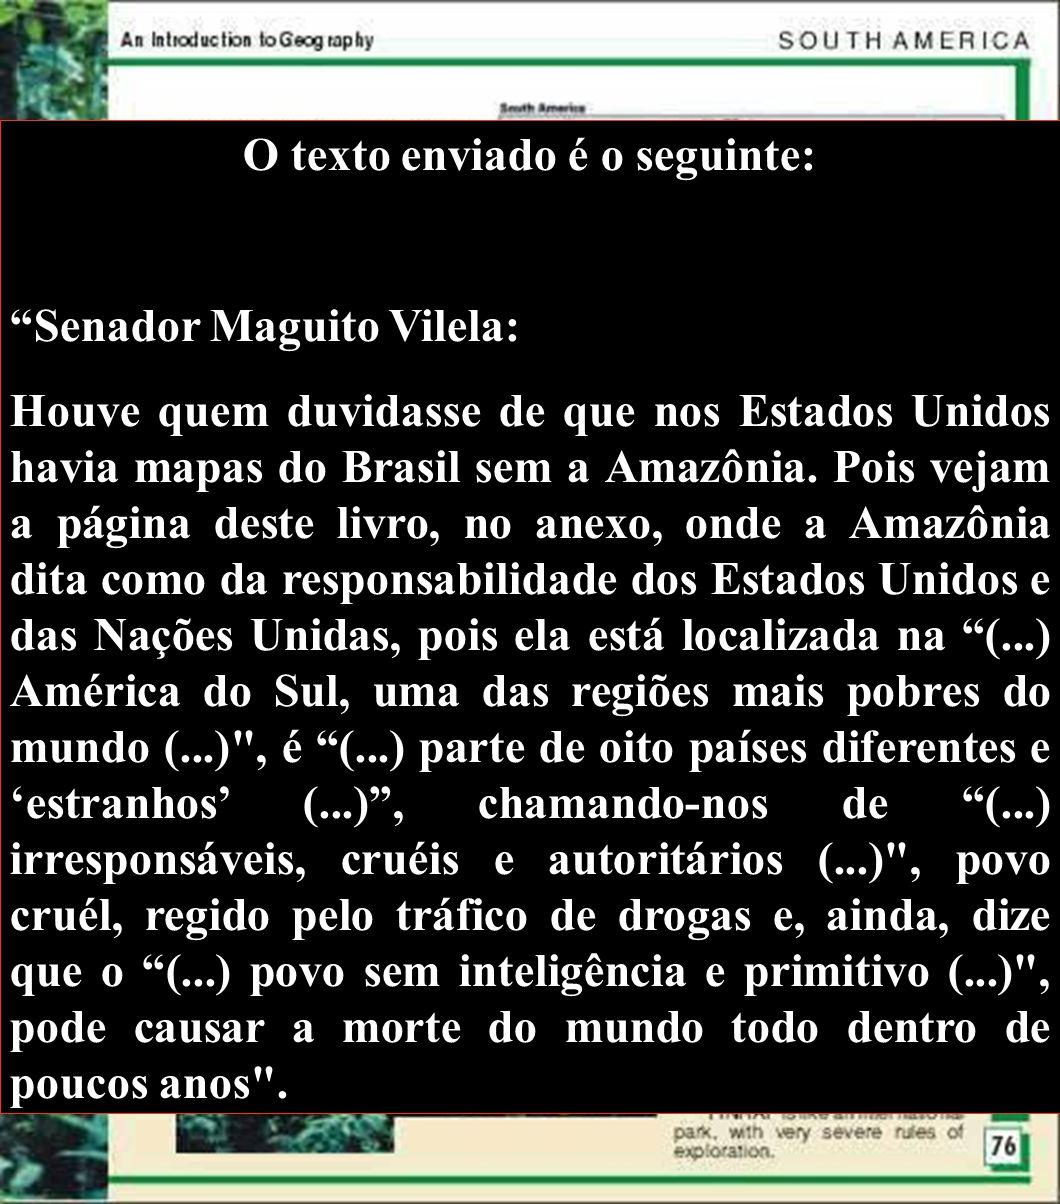 O texto enviado é o seguinte: Senador Maguito Vilela: Houve quem duvidasse de que nos Estados Unidos havia mapas do Brasil sem a Amazônia. Pois vejam